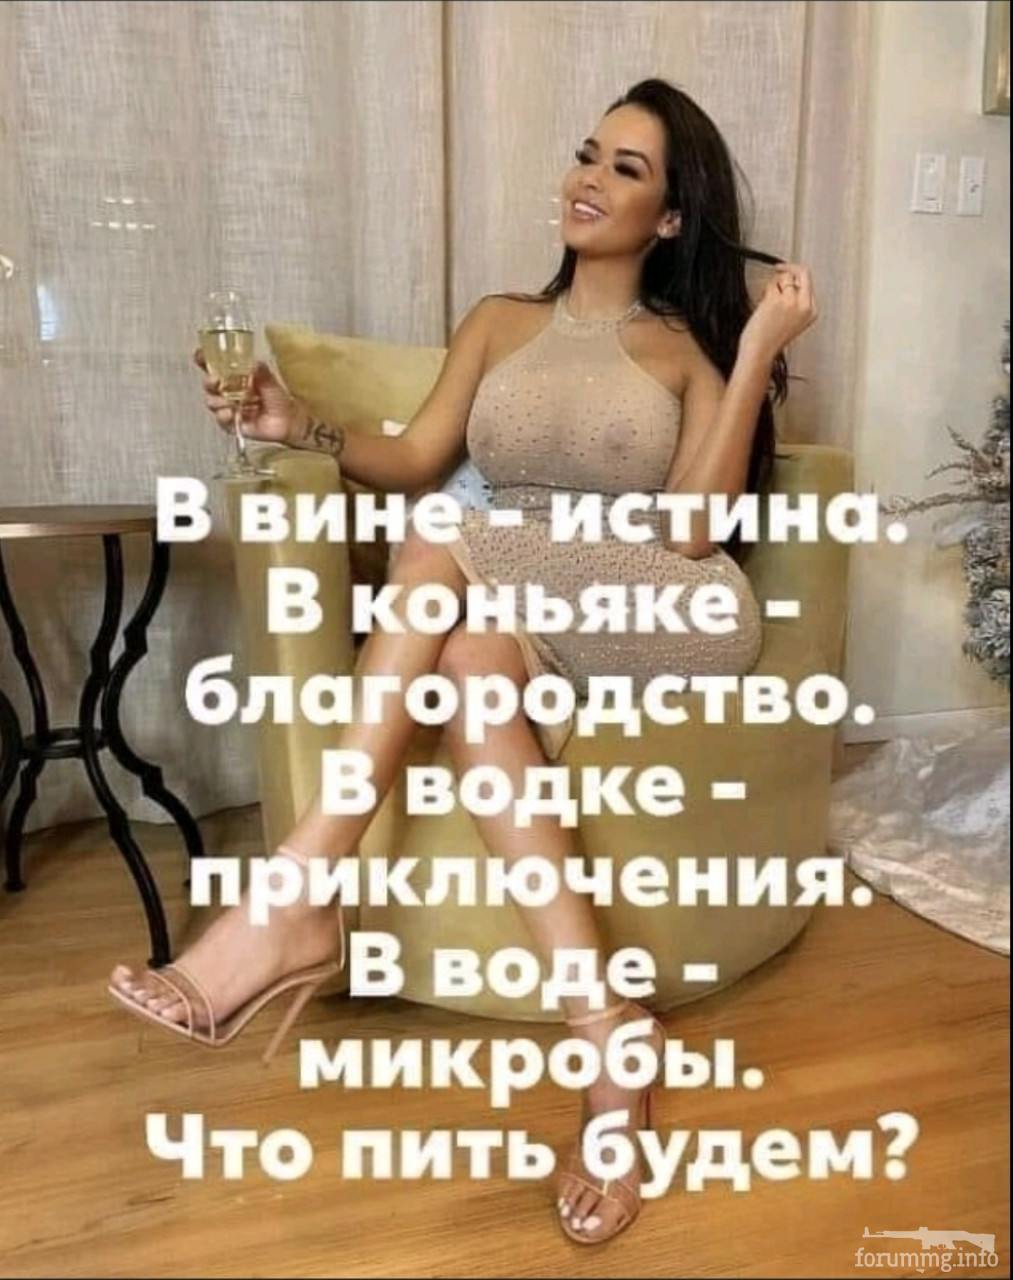 132160 - Пить или не пить? - пятничная алкогольная тема )))